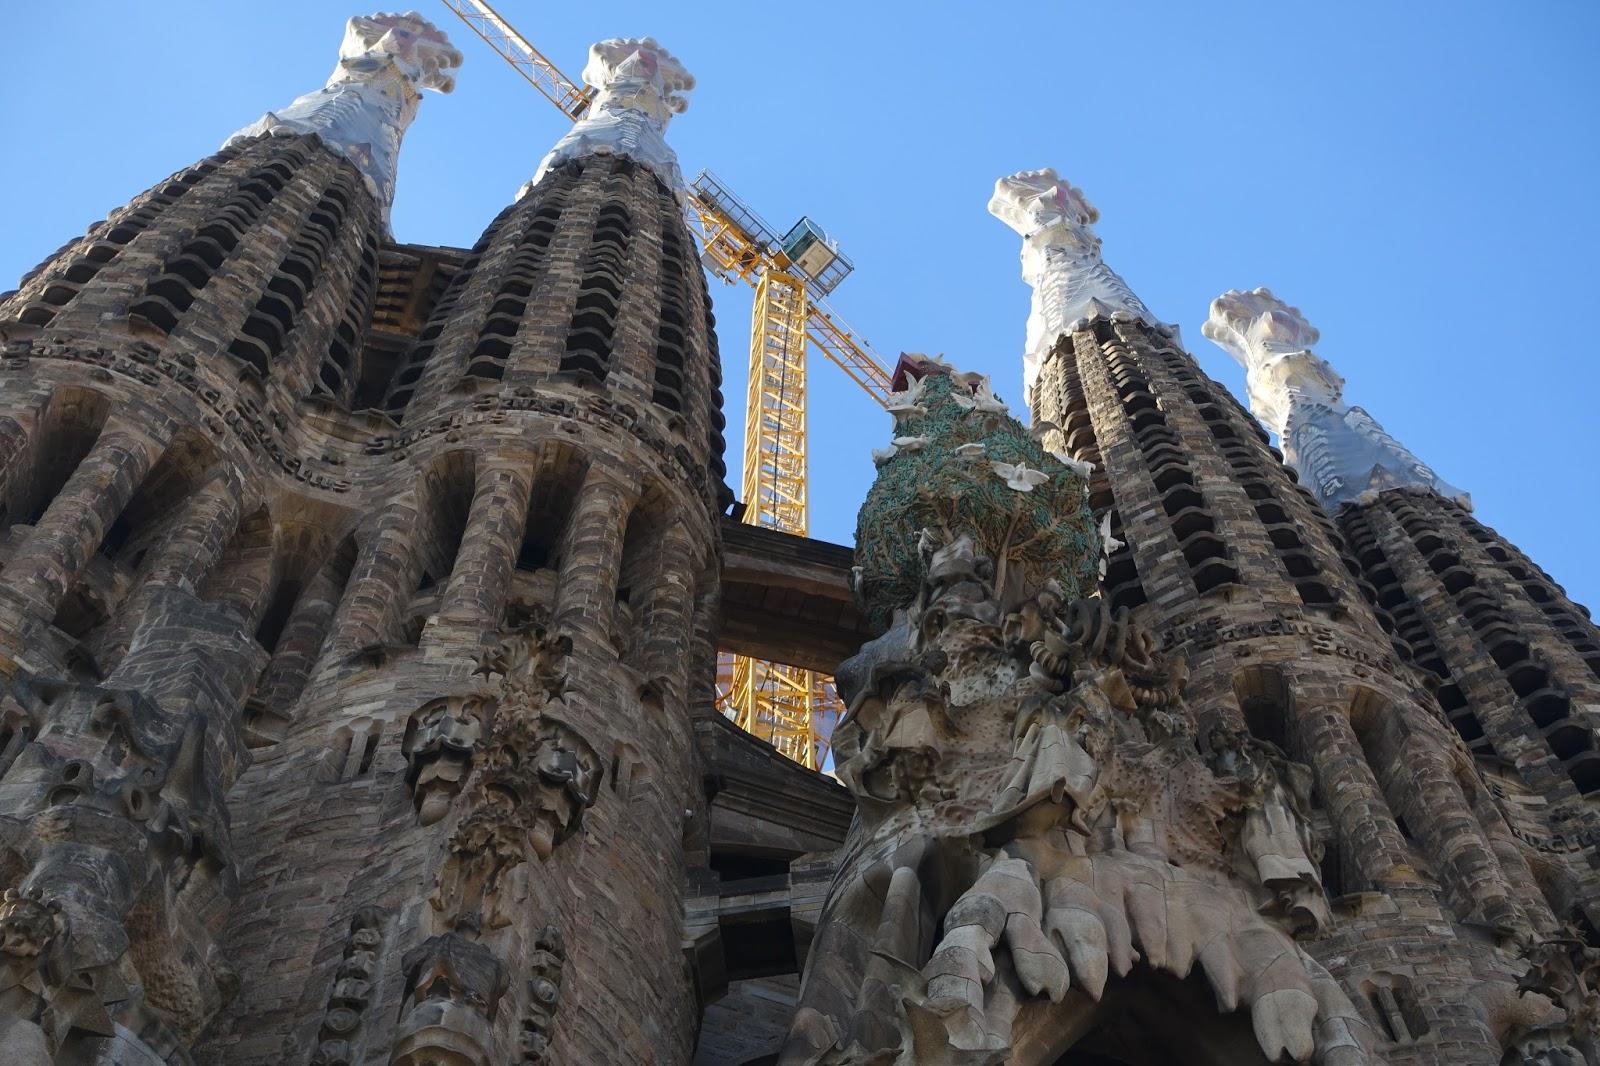 サグラダ・ファミリア (Sagrada Familia) 塔